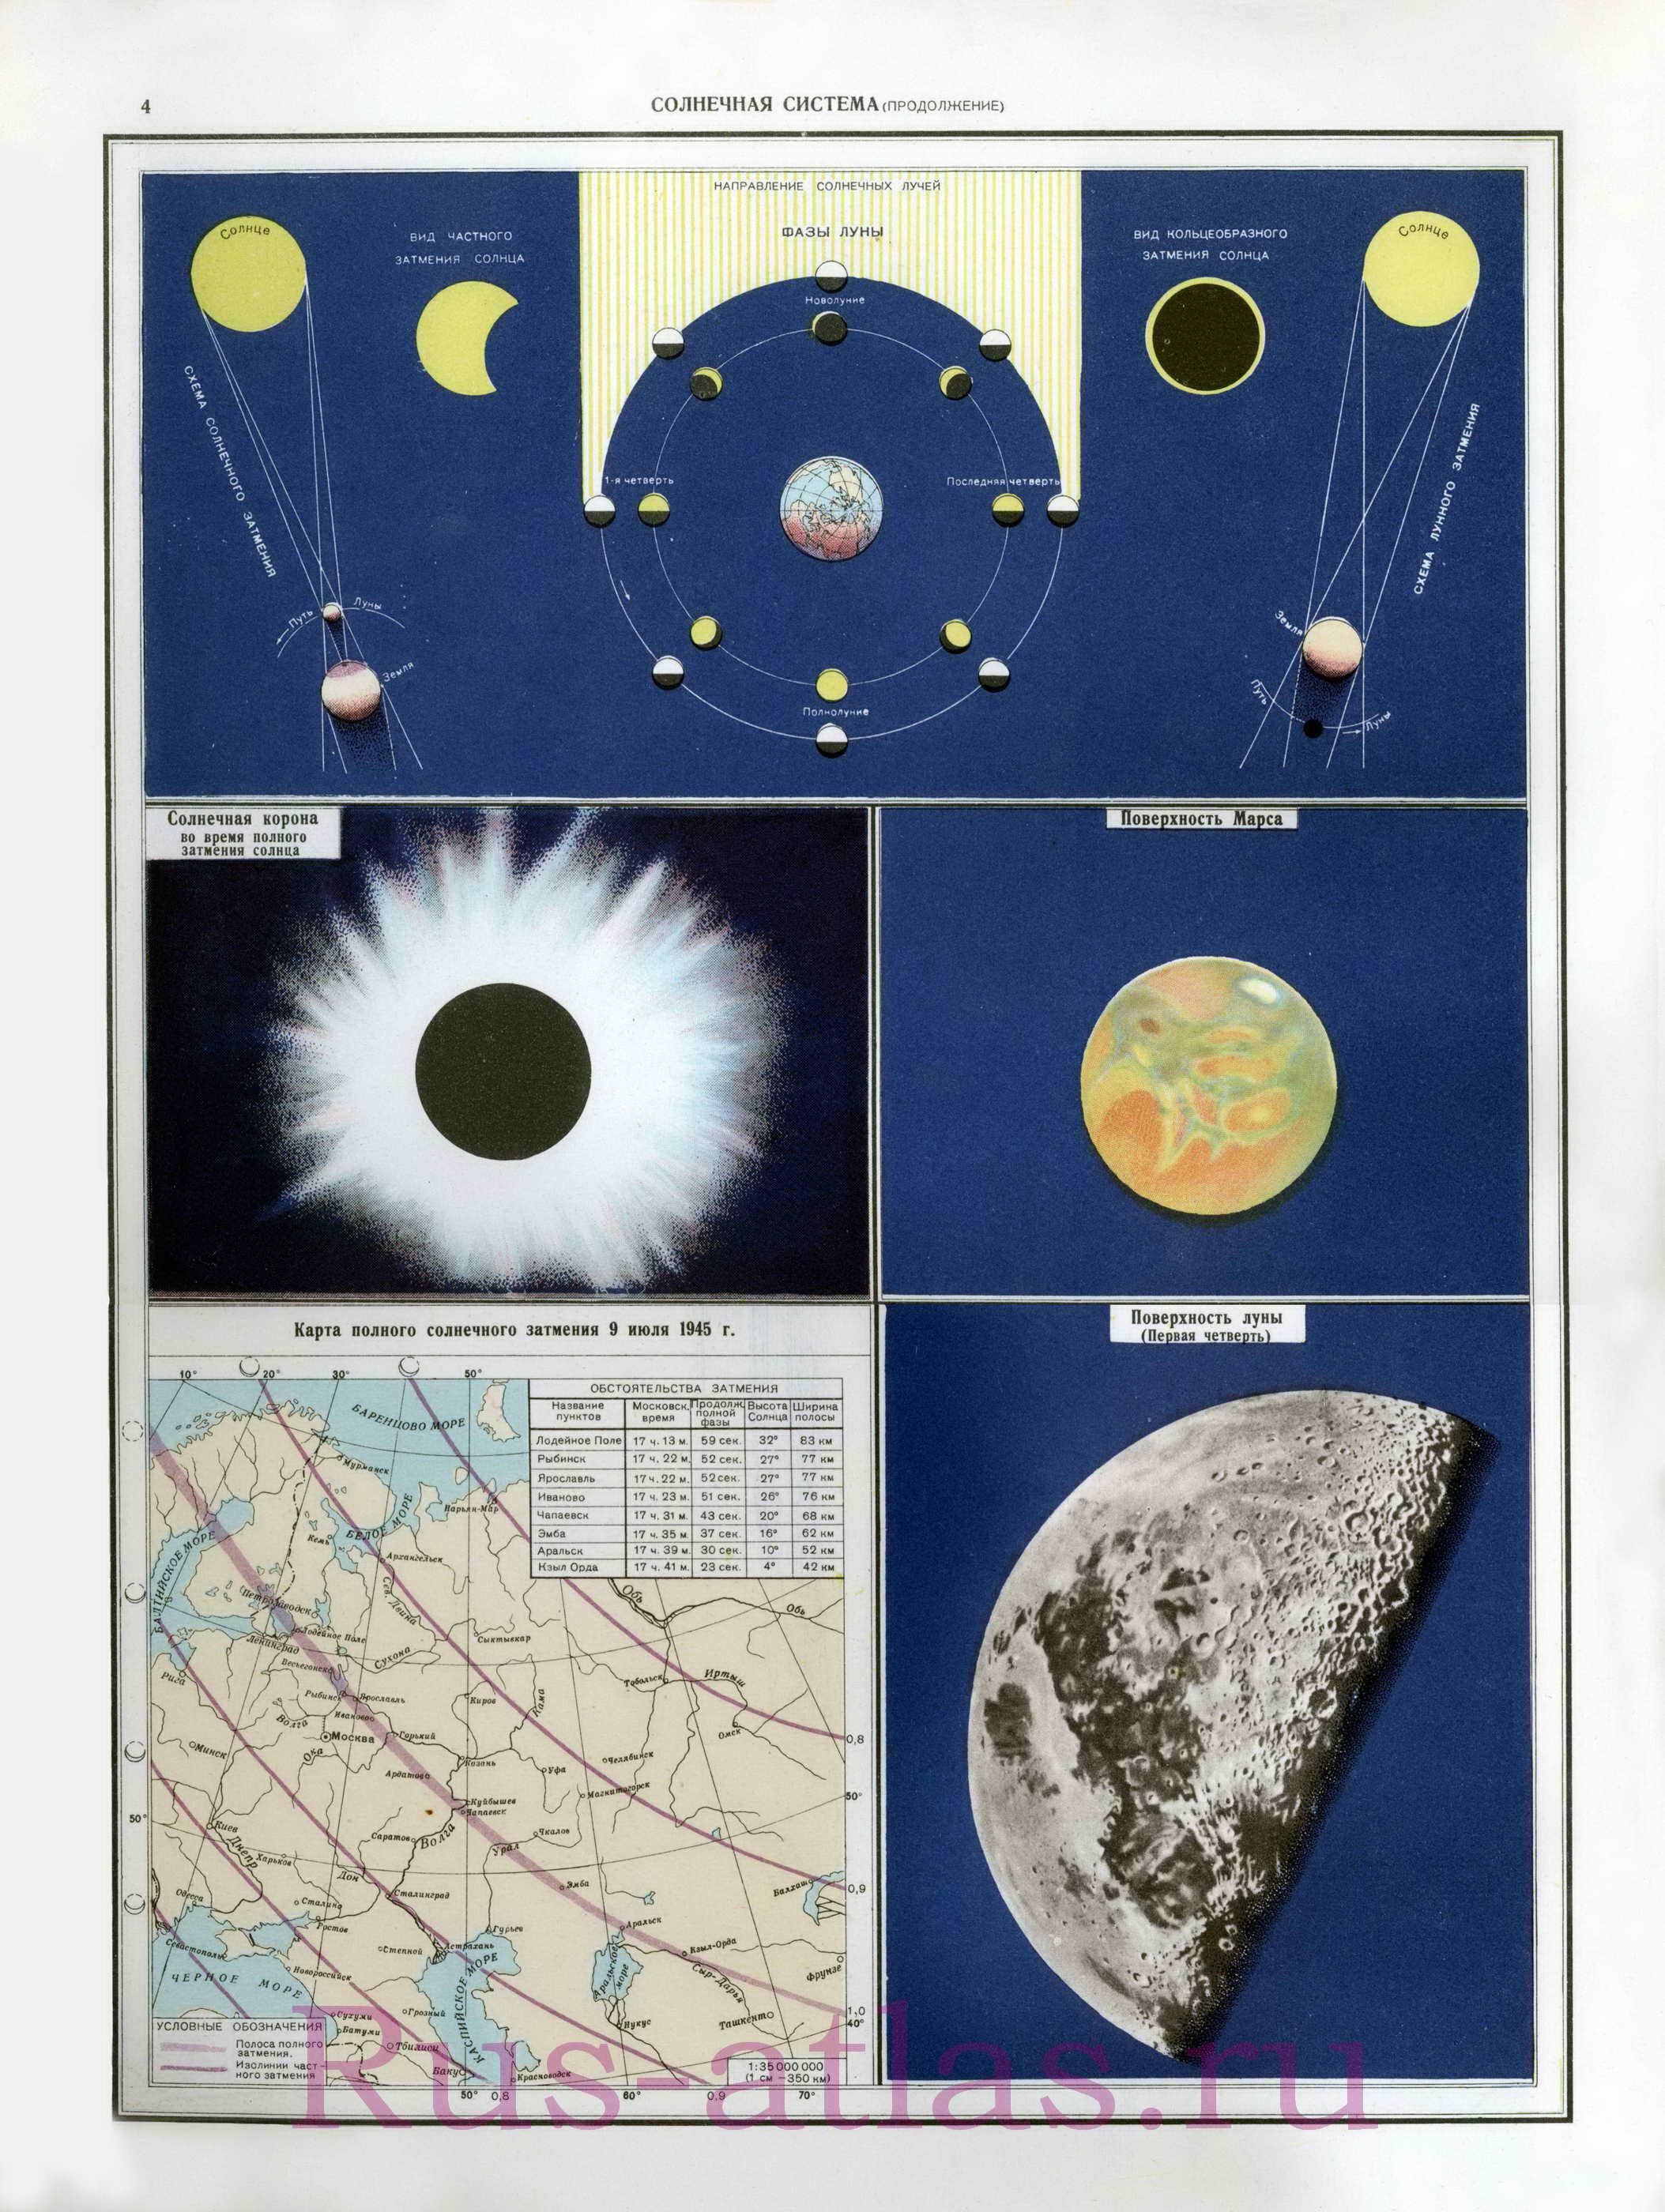 Фазы луны.  Схема солнечного затмения.  Вид кольцеобразного затмения Солнца.